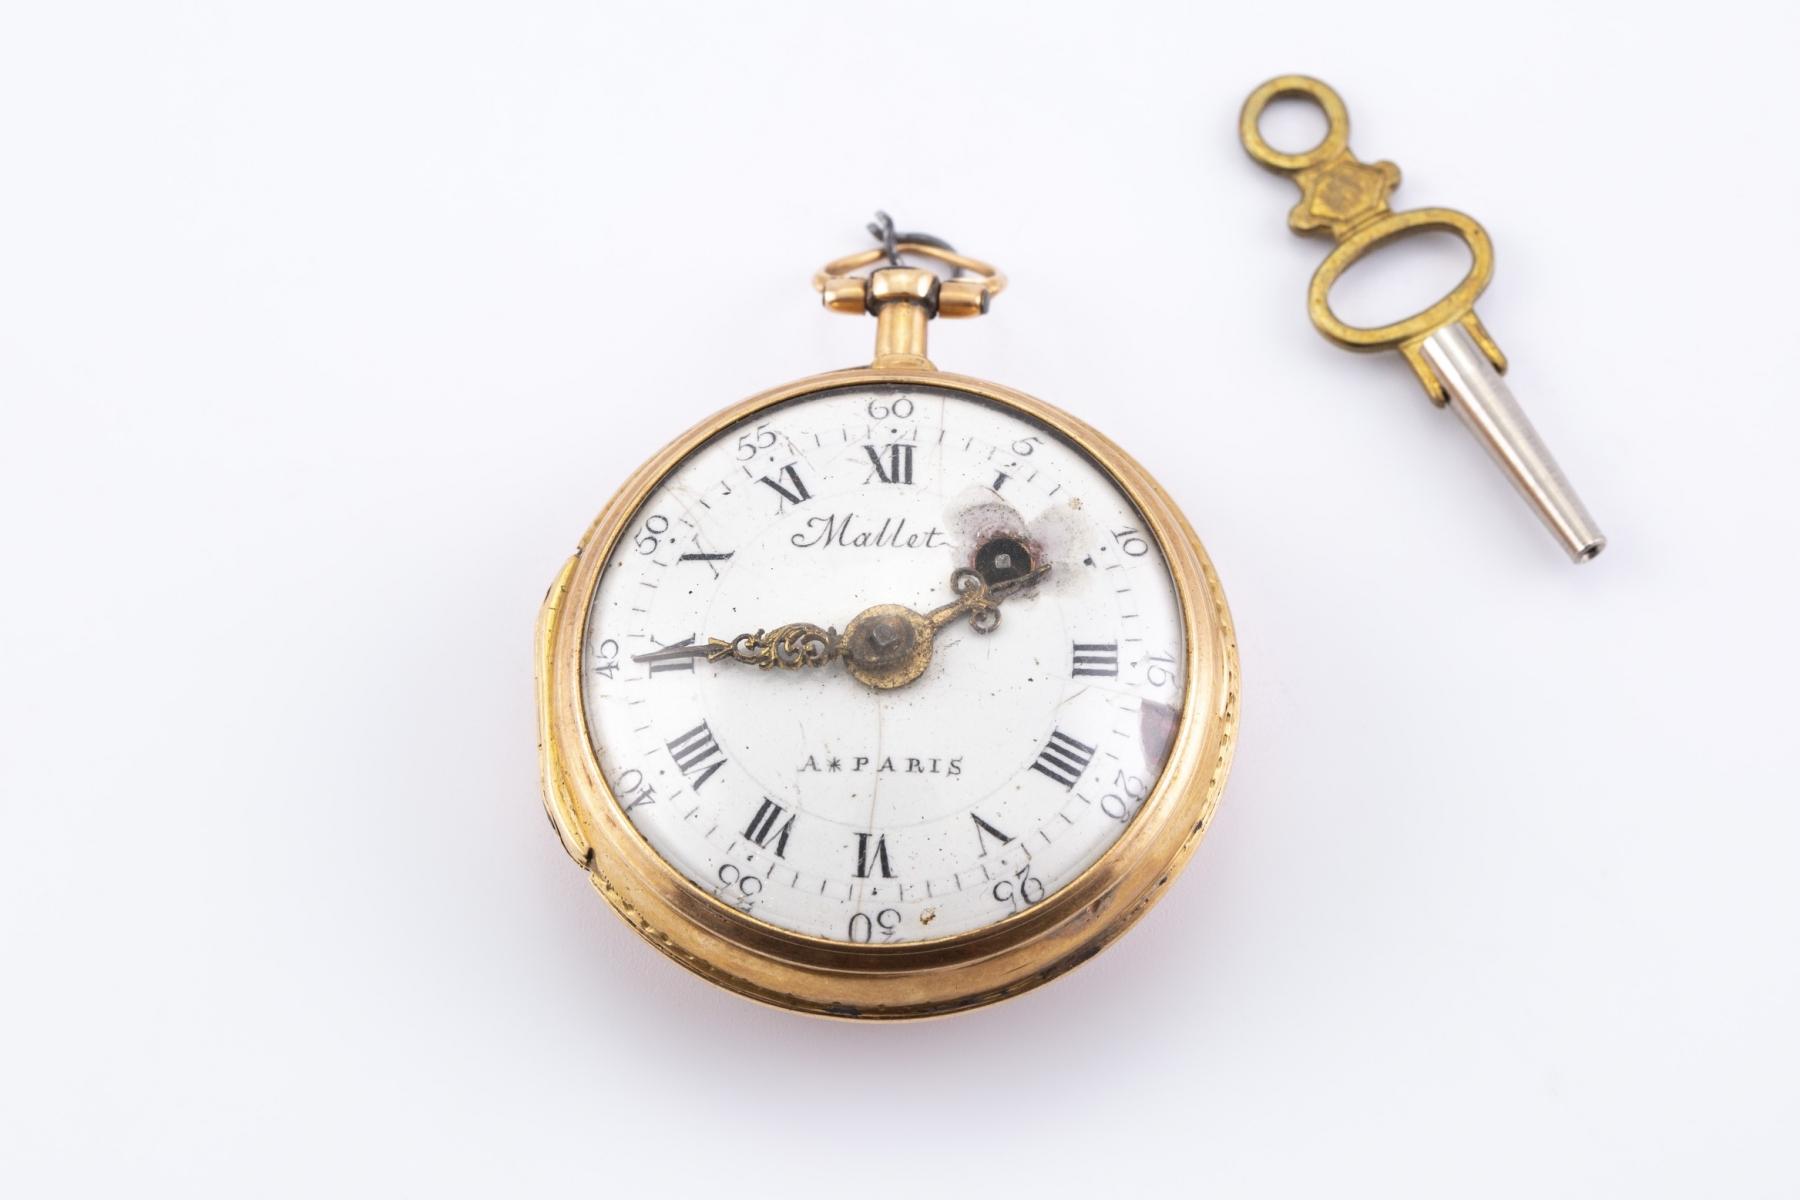 12 - Montre de poche, mouvement signé Maillet Paris, époque XVIII. Adjugé 538